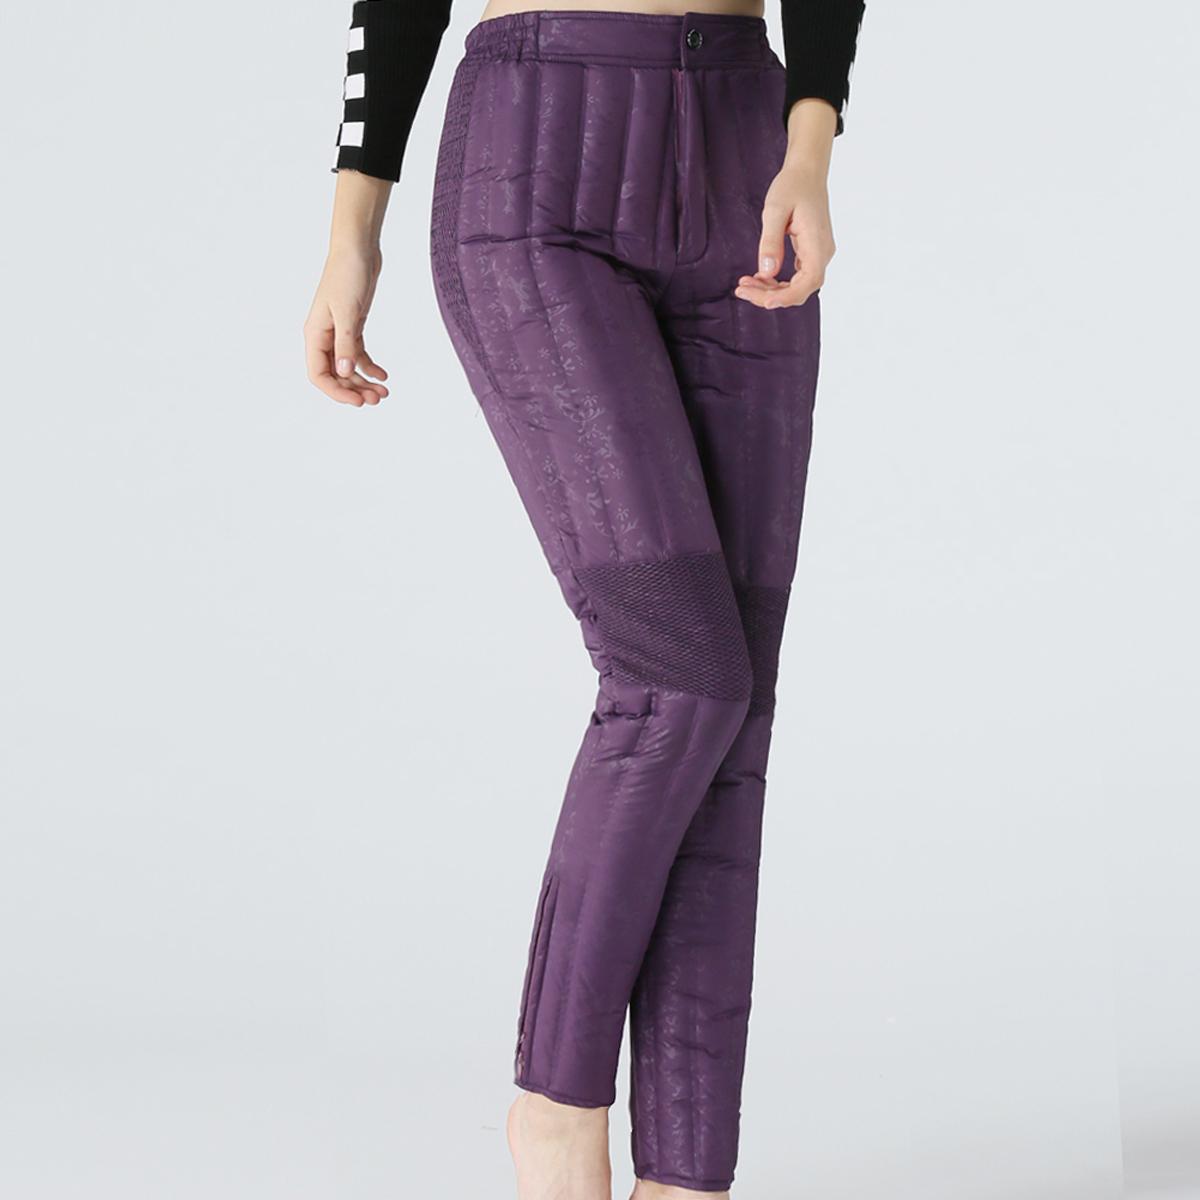 Цвет: женский фиолетовый